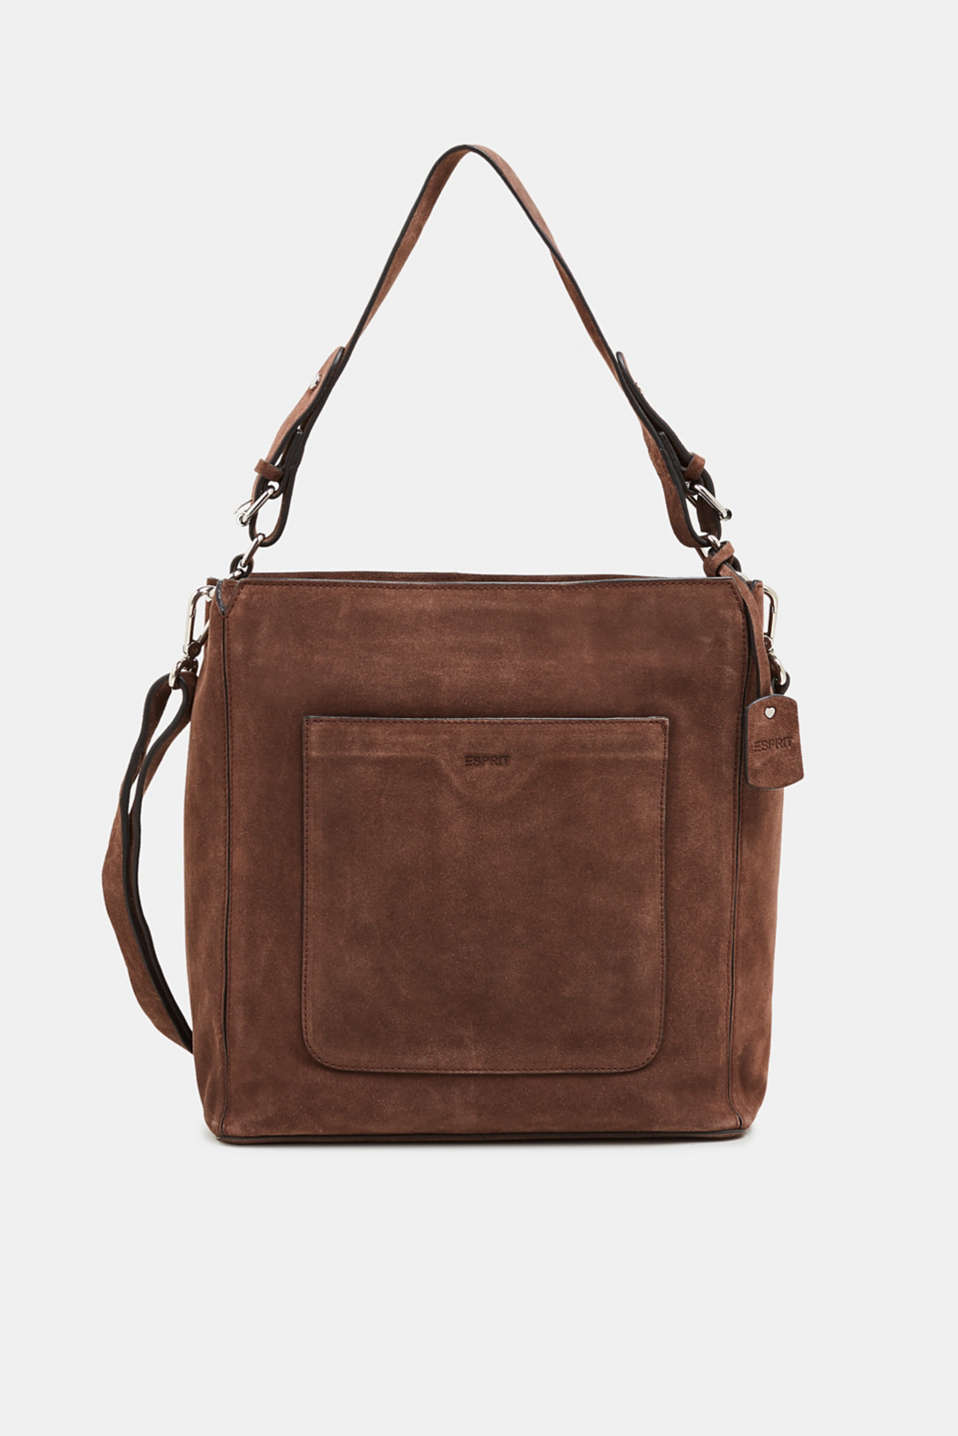 Leather shoulder bag, DARK BROWN, detail image number 0